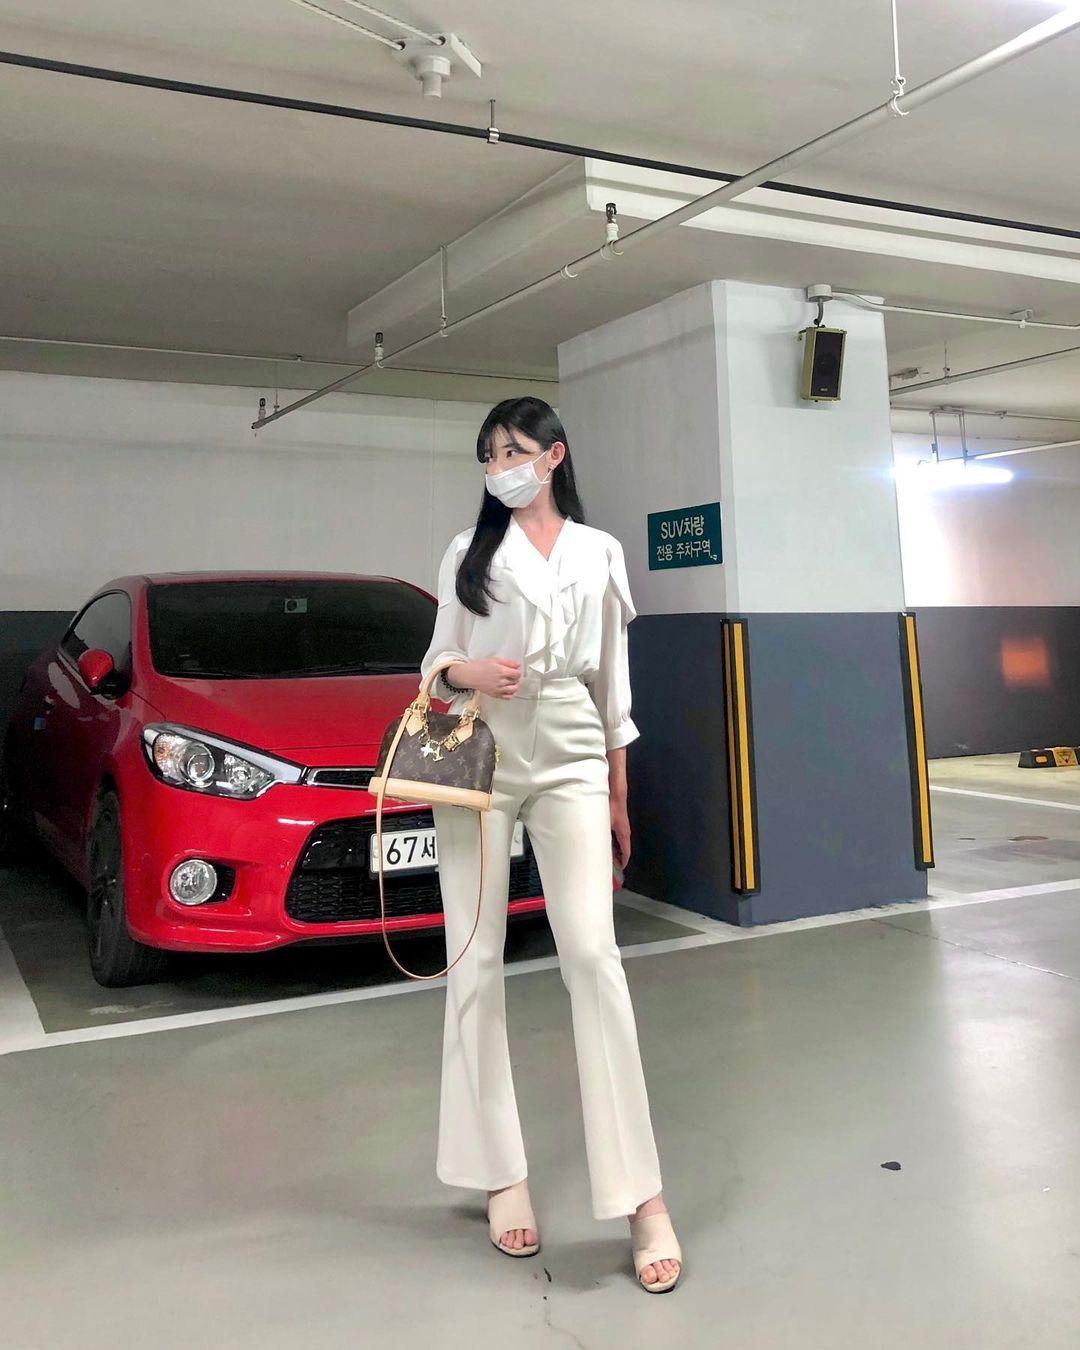 韩国街头超正短裙长腿妹,身材纤细却有料,清纯脸蛋藏着小恶魔的内在 养眼图片 第11张